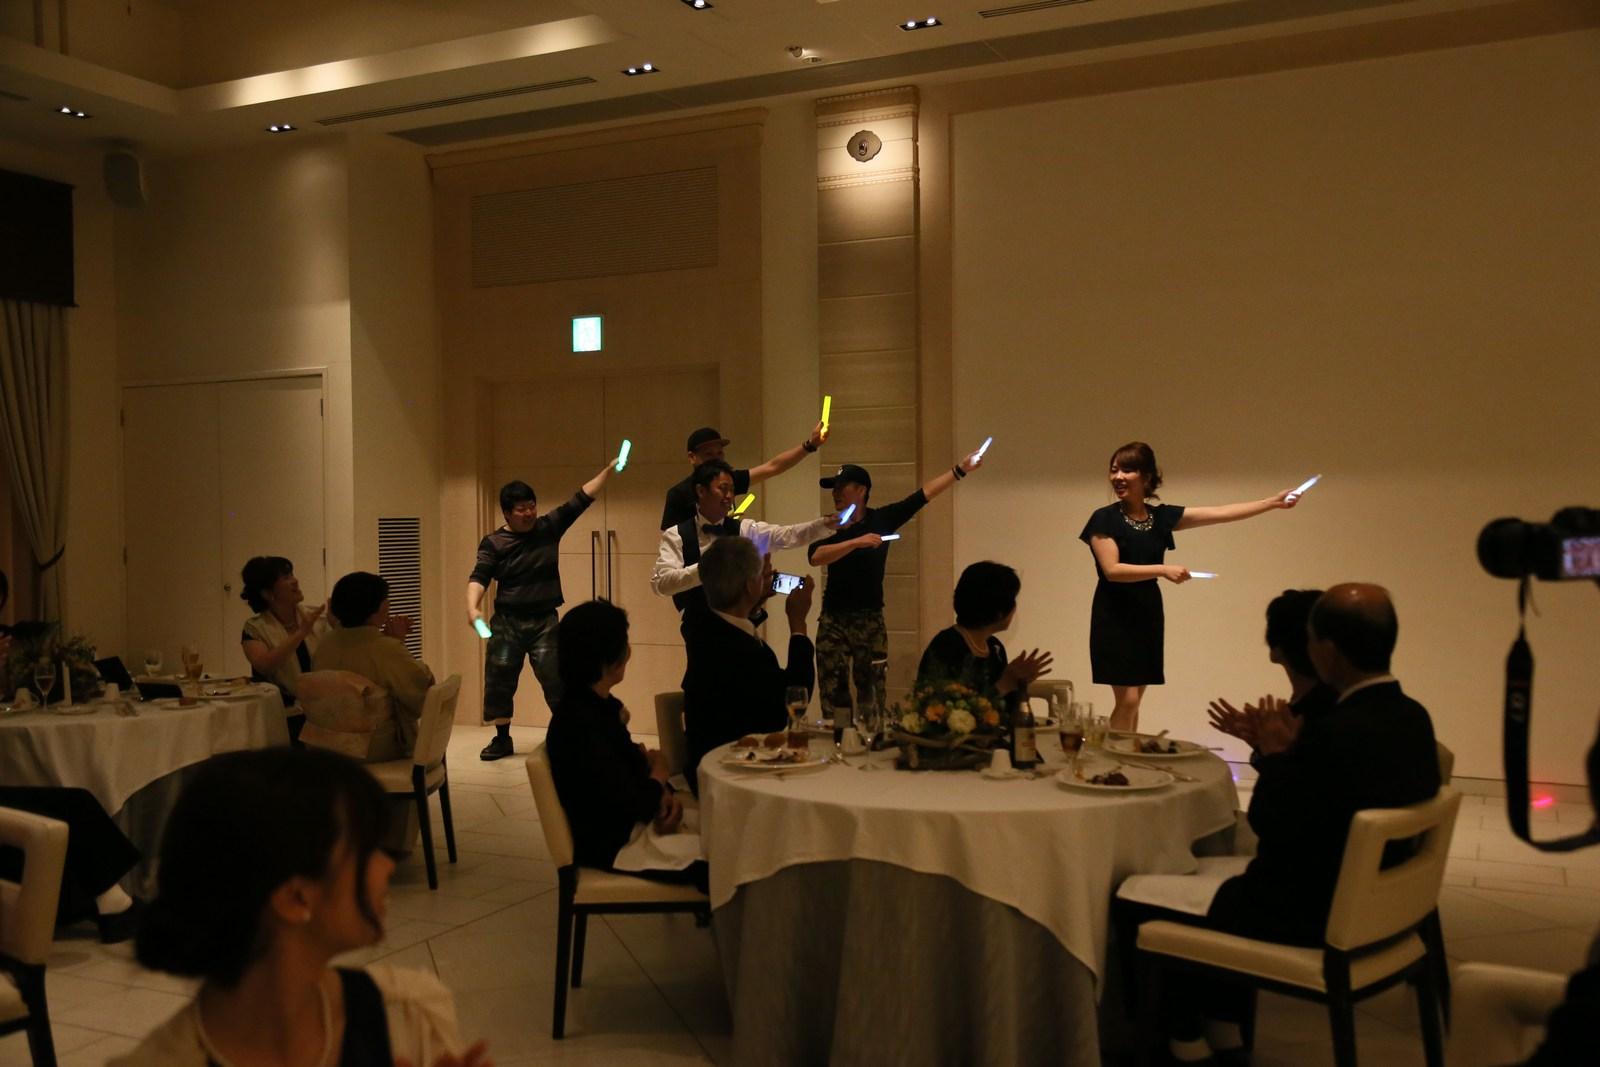 高松市の結婚式場アイルバレクラブの披露宴 余興タイムで皆様ご一緒手拍子を!